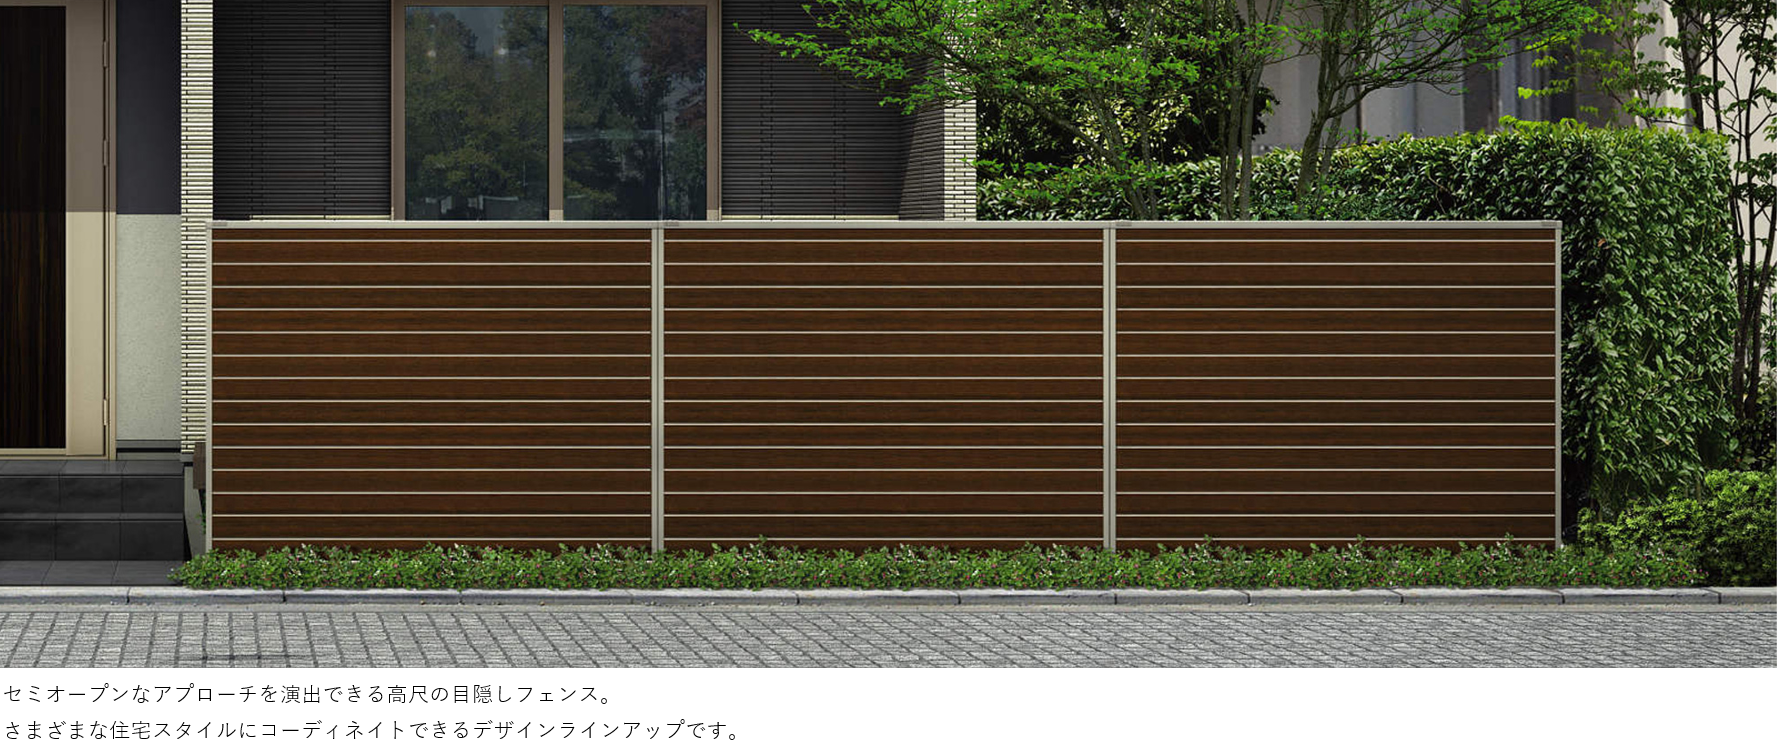 ルシアス スクリーンフェンス YKKAP セミオープンなアプローチを演出できる高尺の目隠しフェンス。さまざまな住宅スタイルにコーディネイトできるデザインラインアップです。